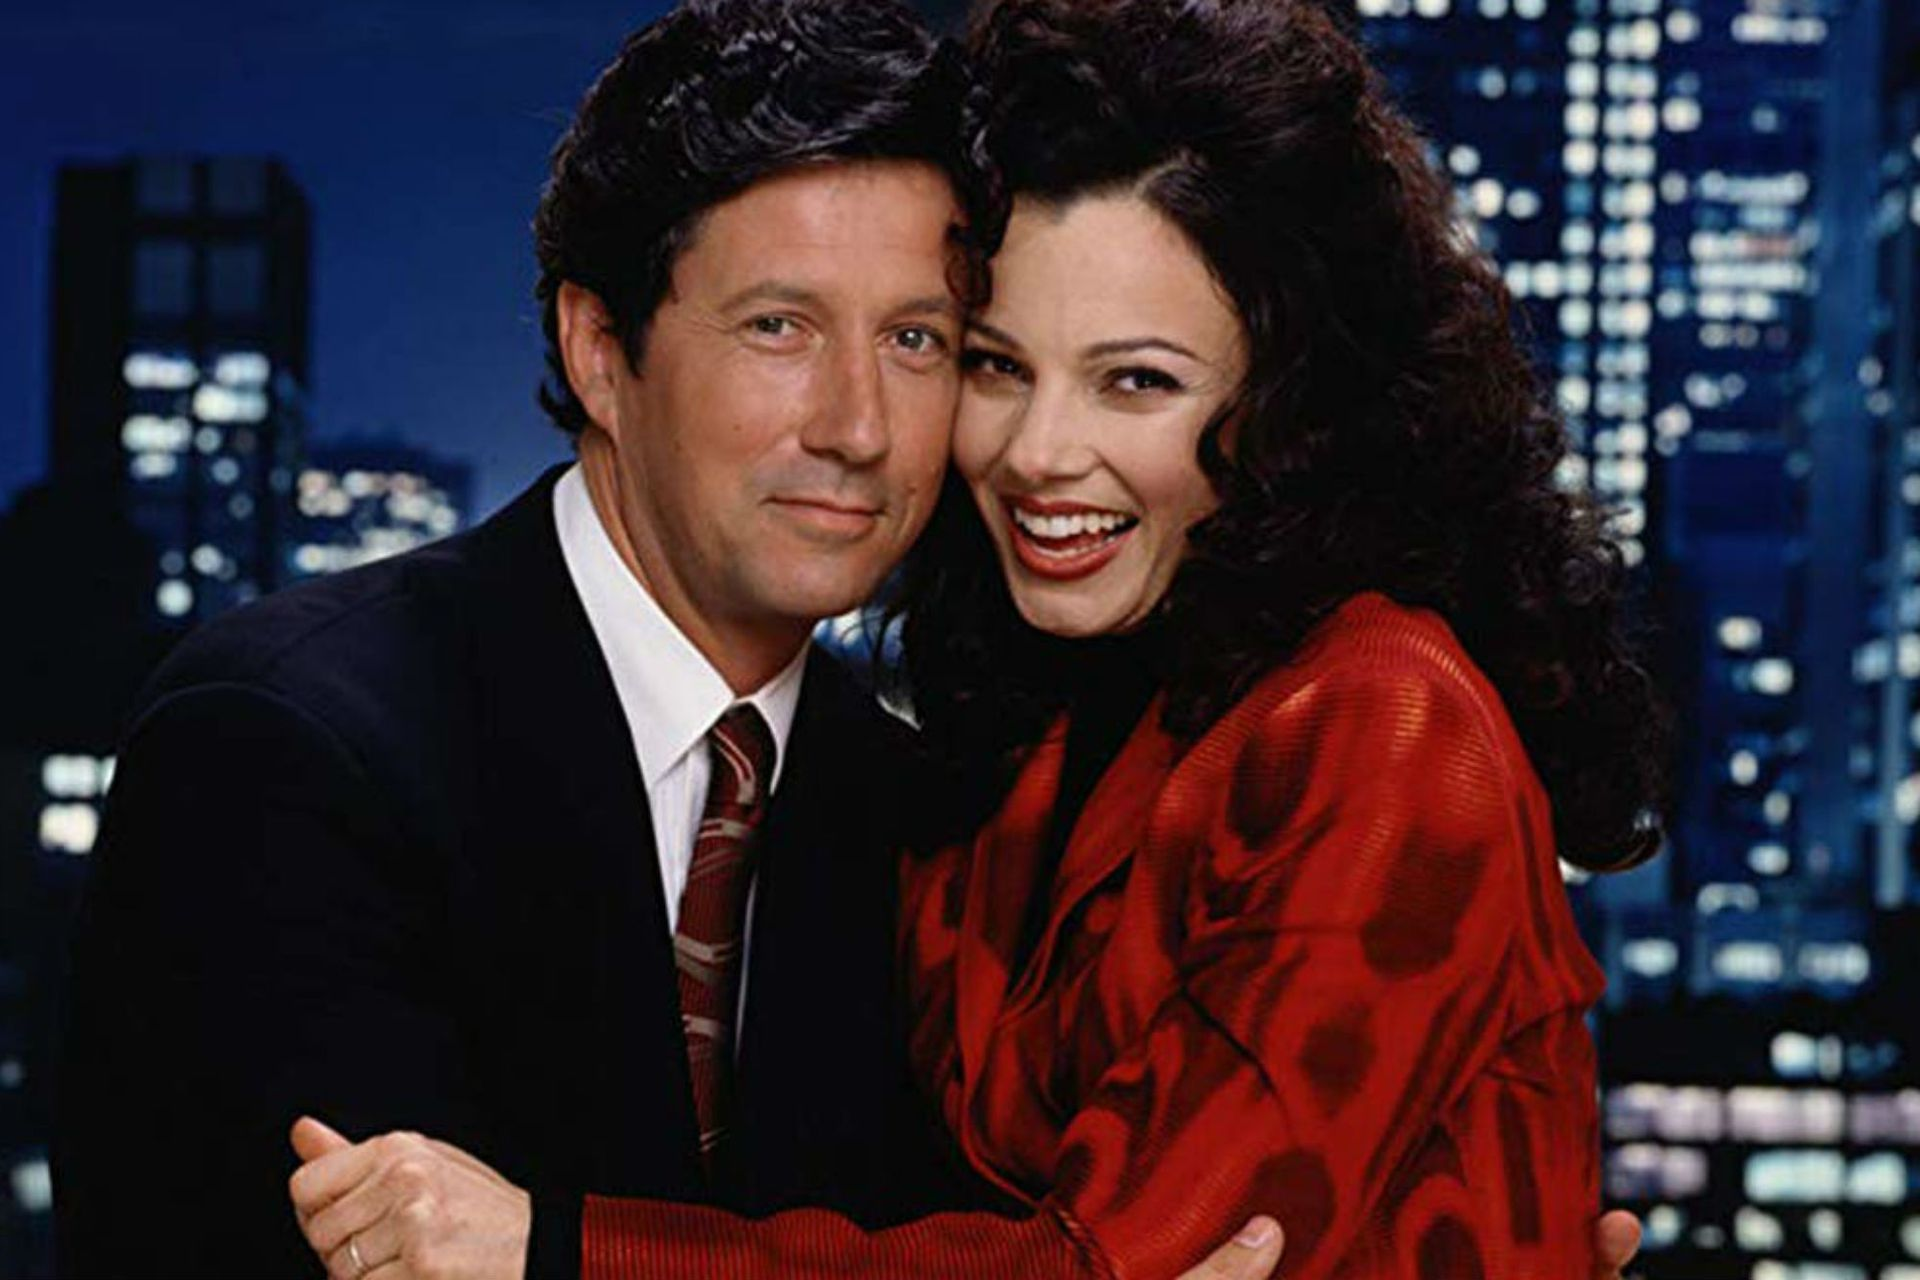 En la serie, Maxwell Sheffield y Fran Fine comenzaron siendo jefe y niñera y terminaron convirtiéndose en marido y mujer